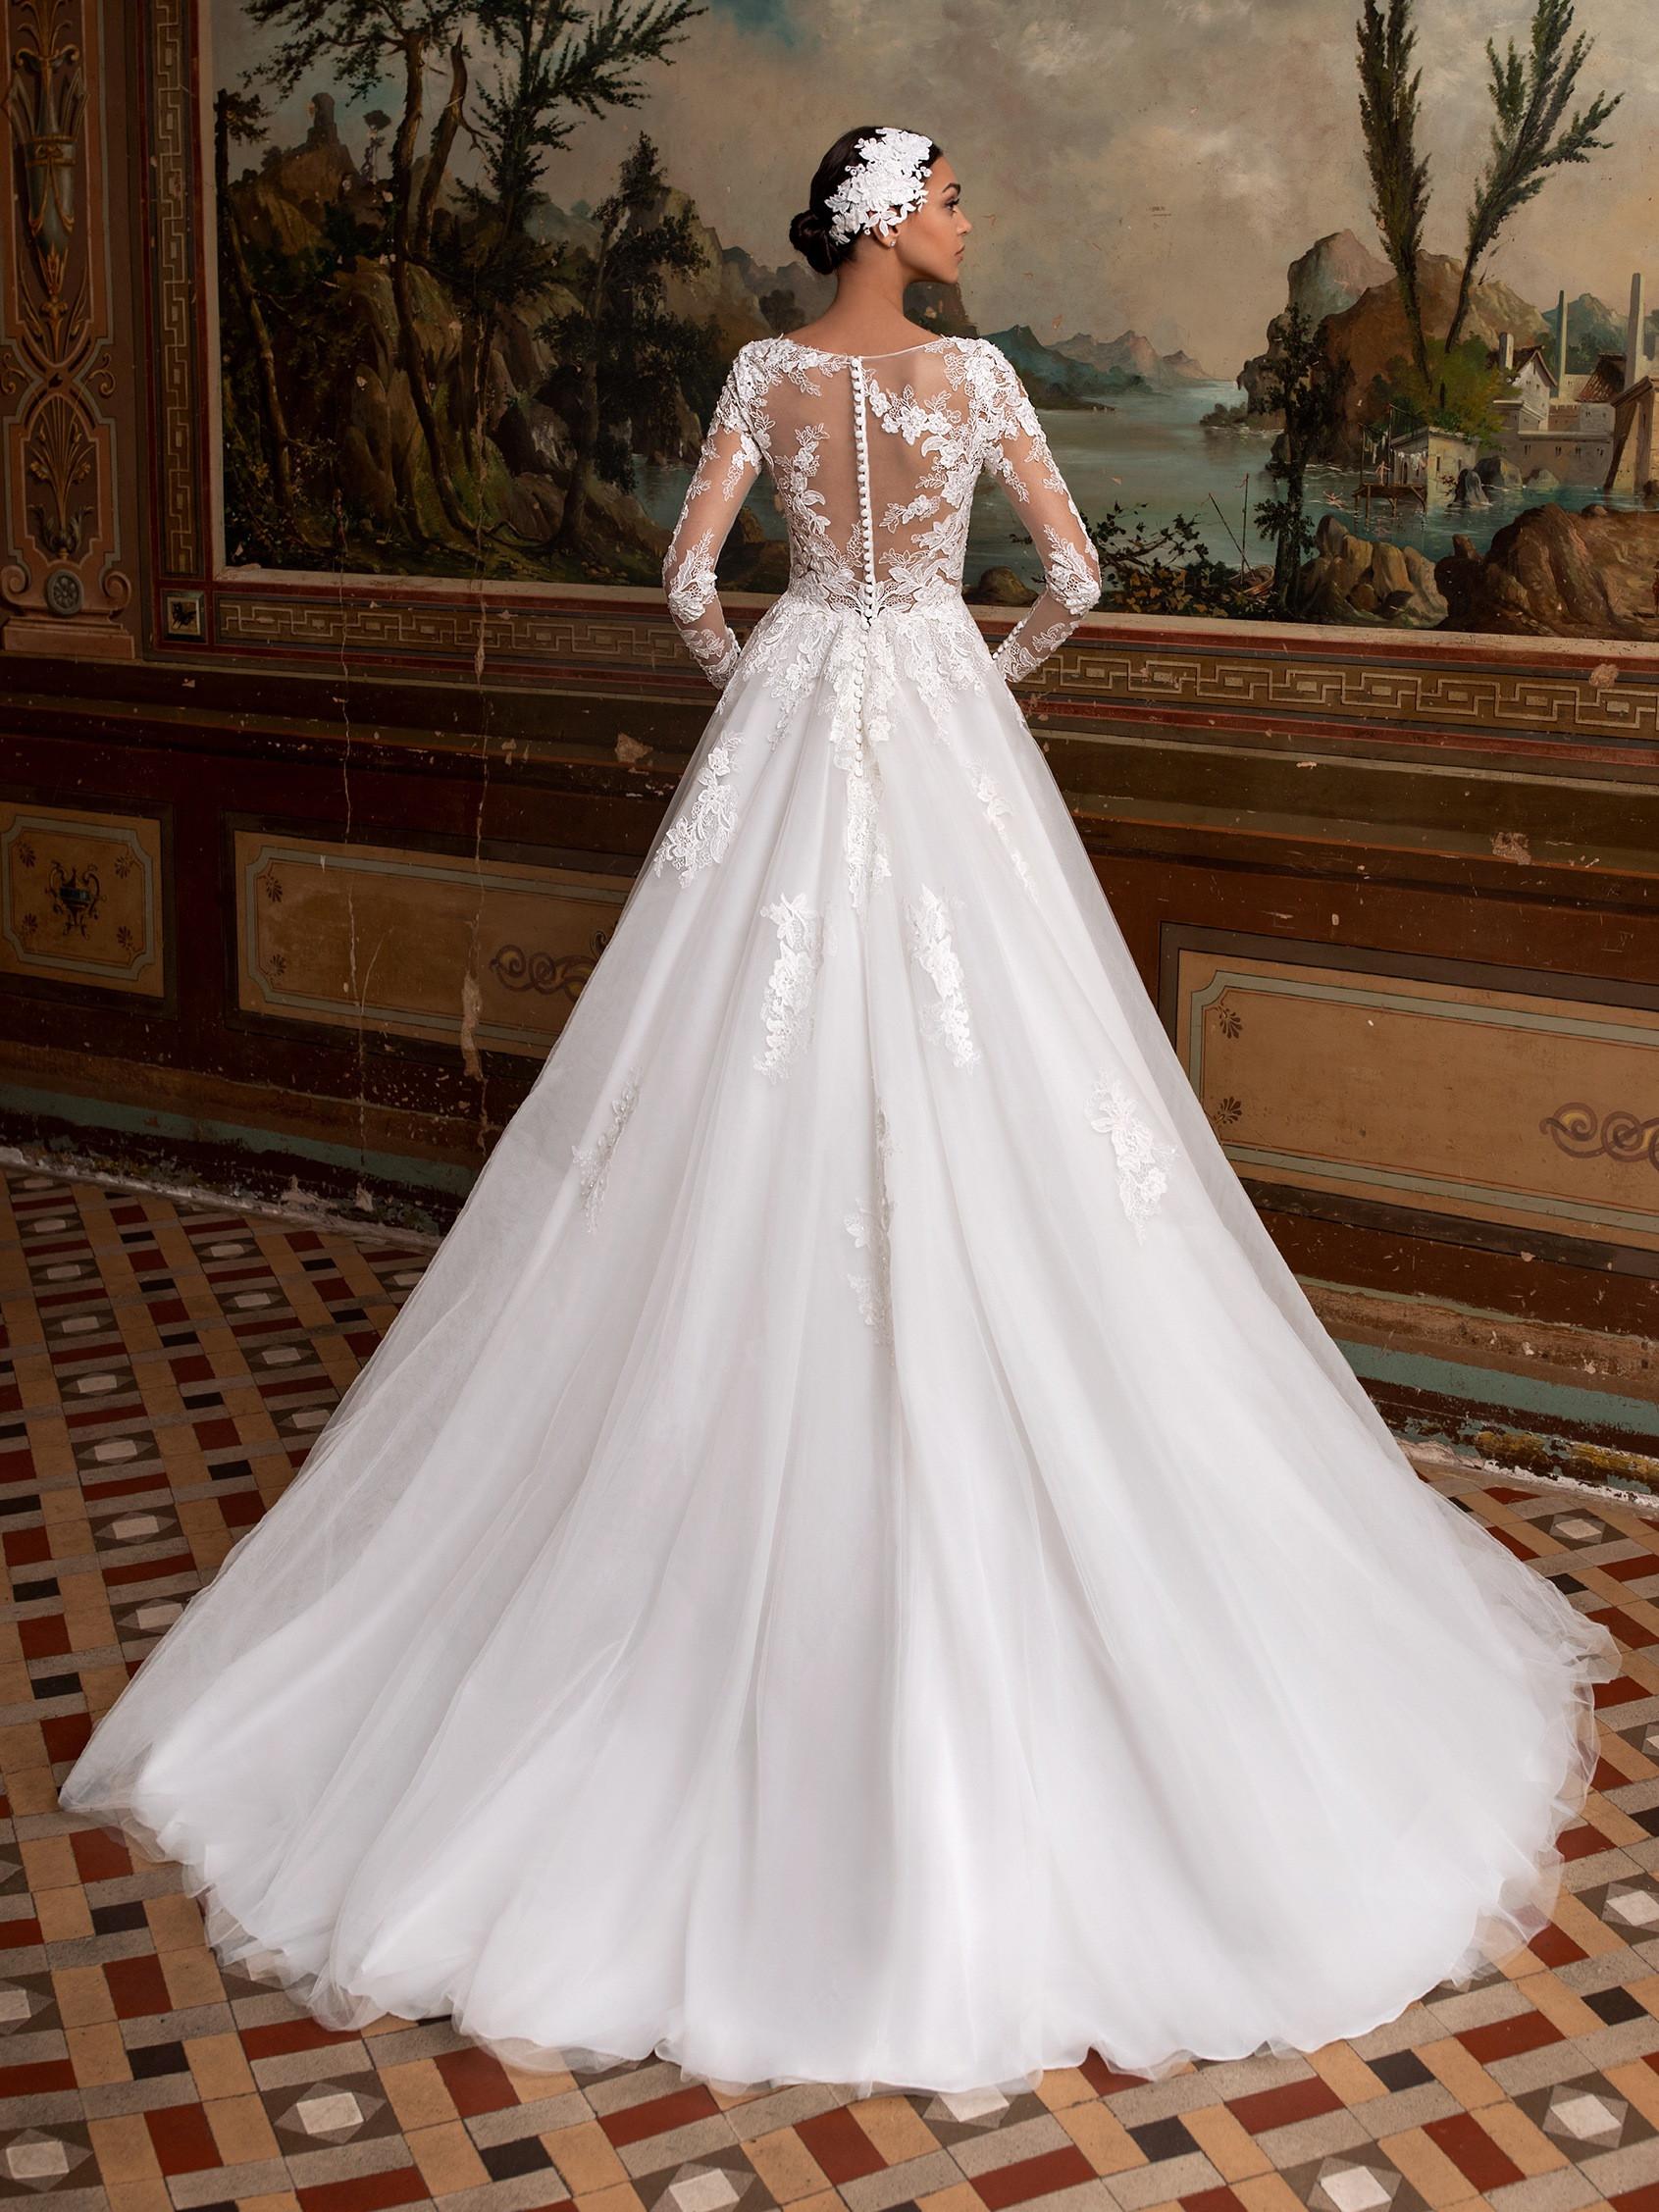 Circinus esküvői ruha - Pronovias 2021